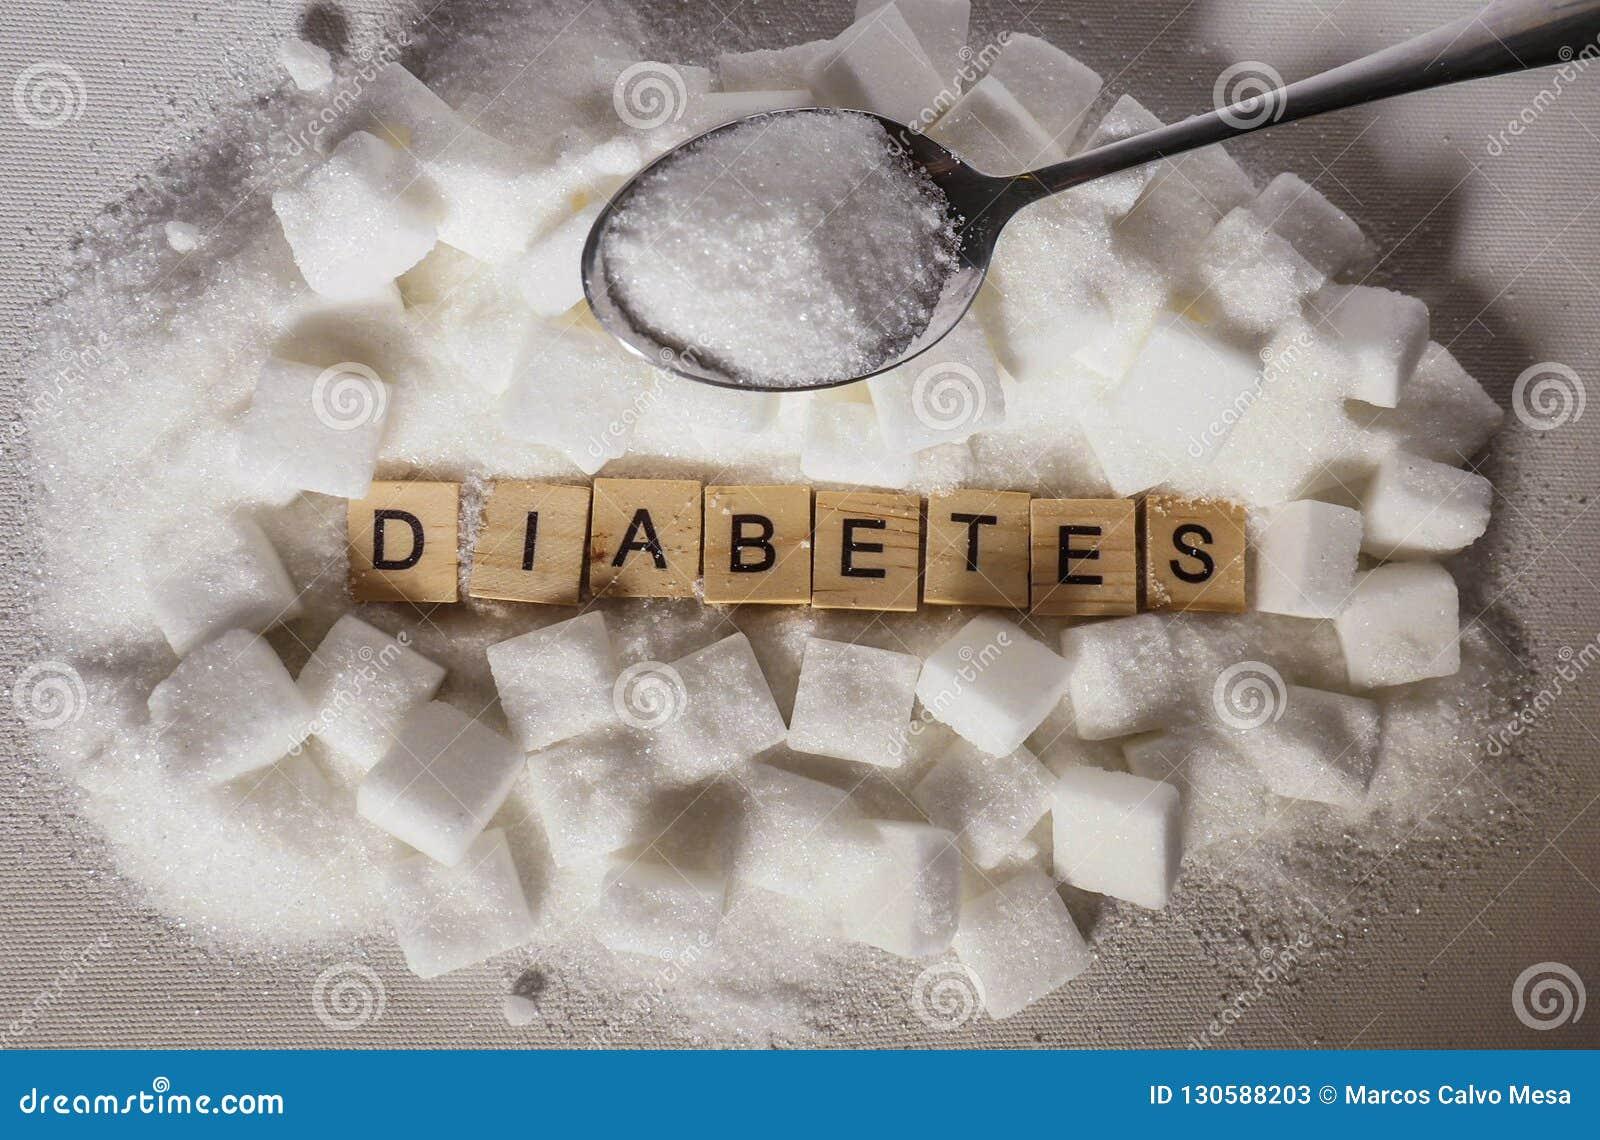 azúcar diabetes metal